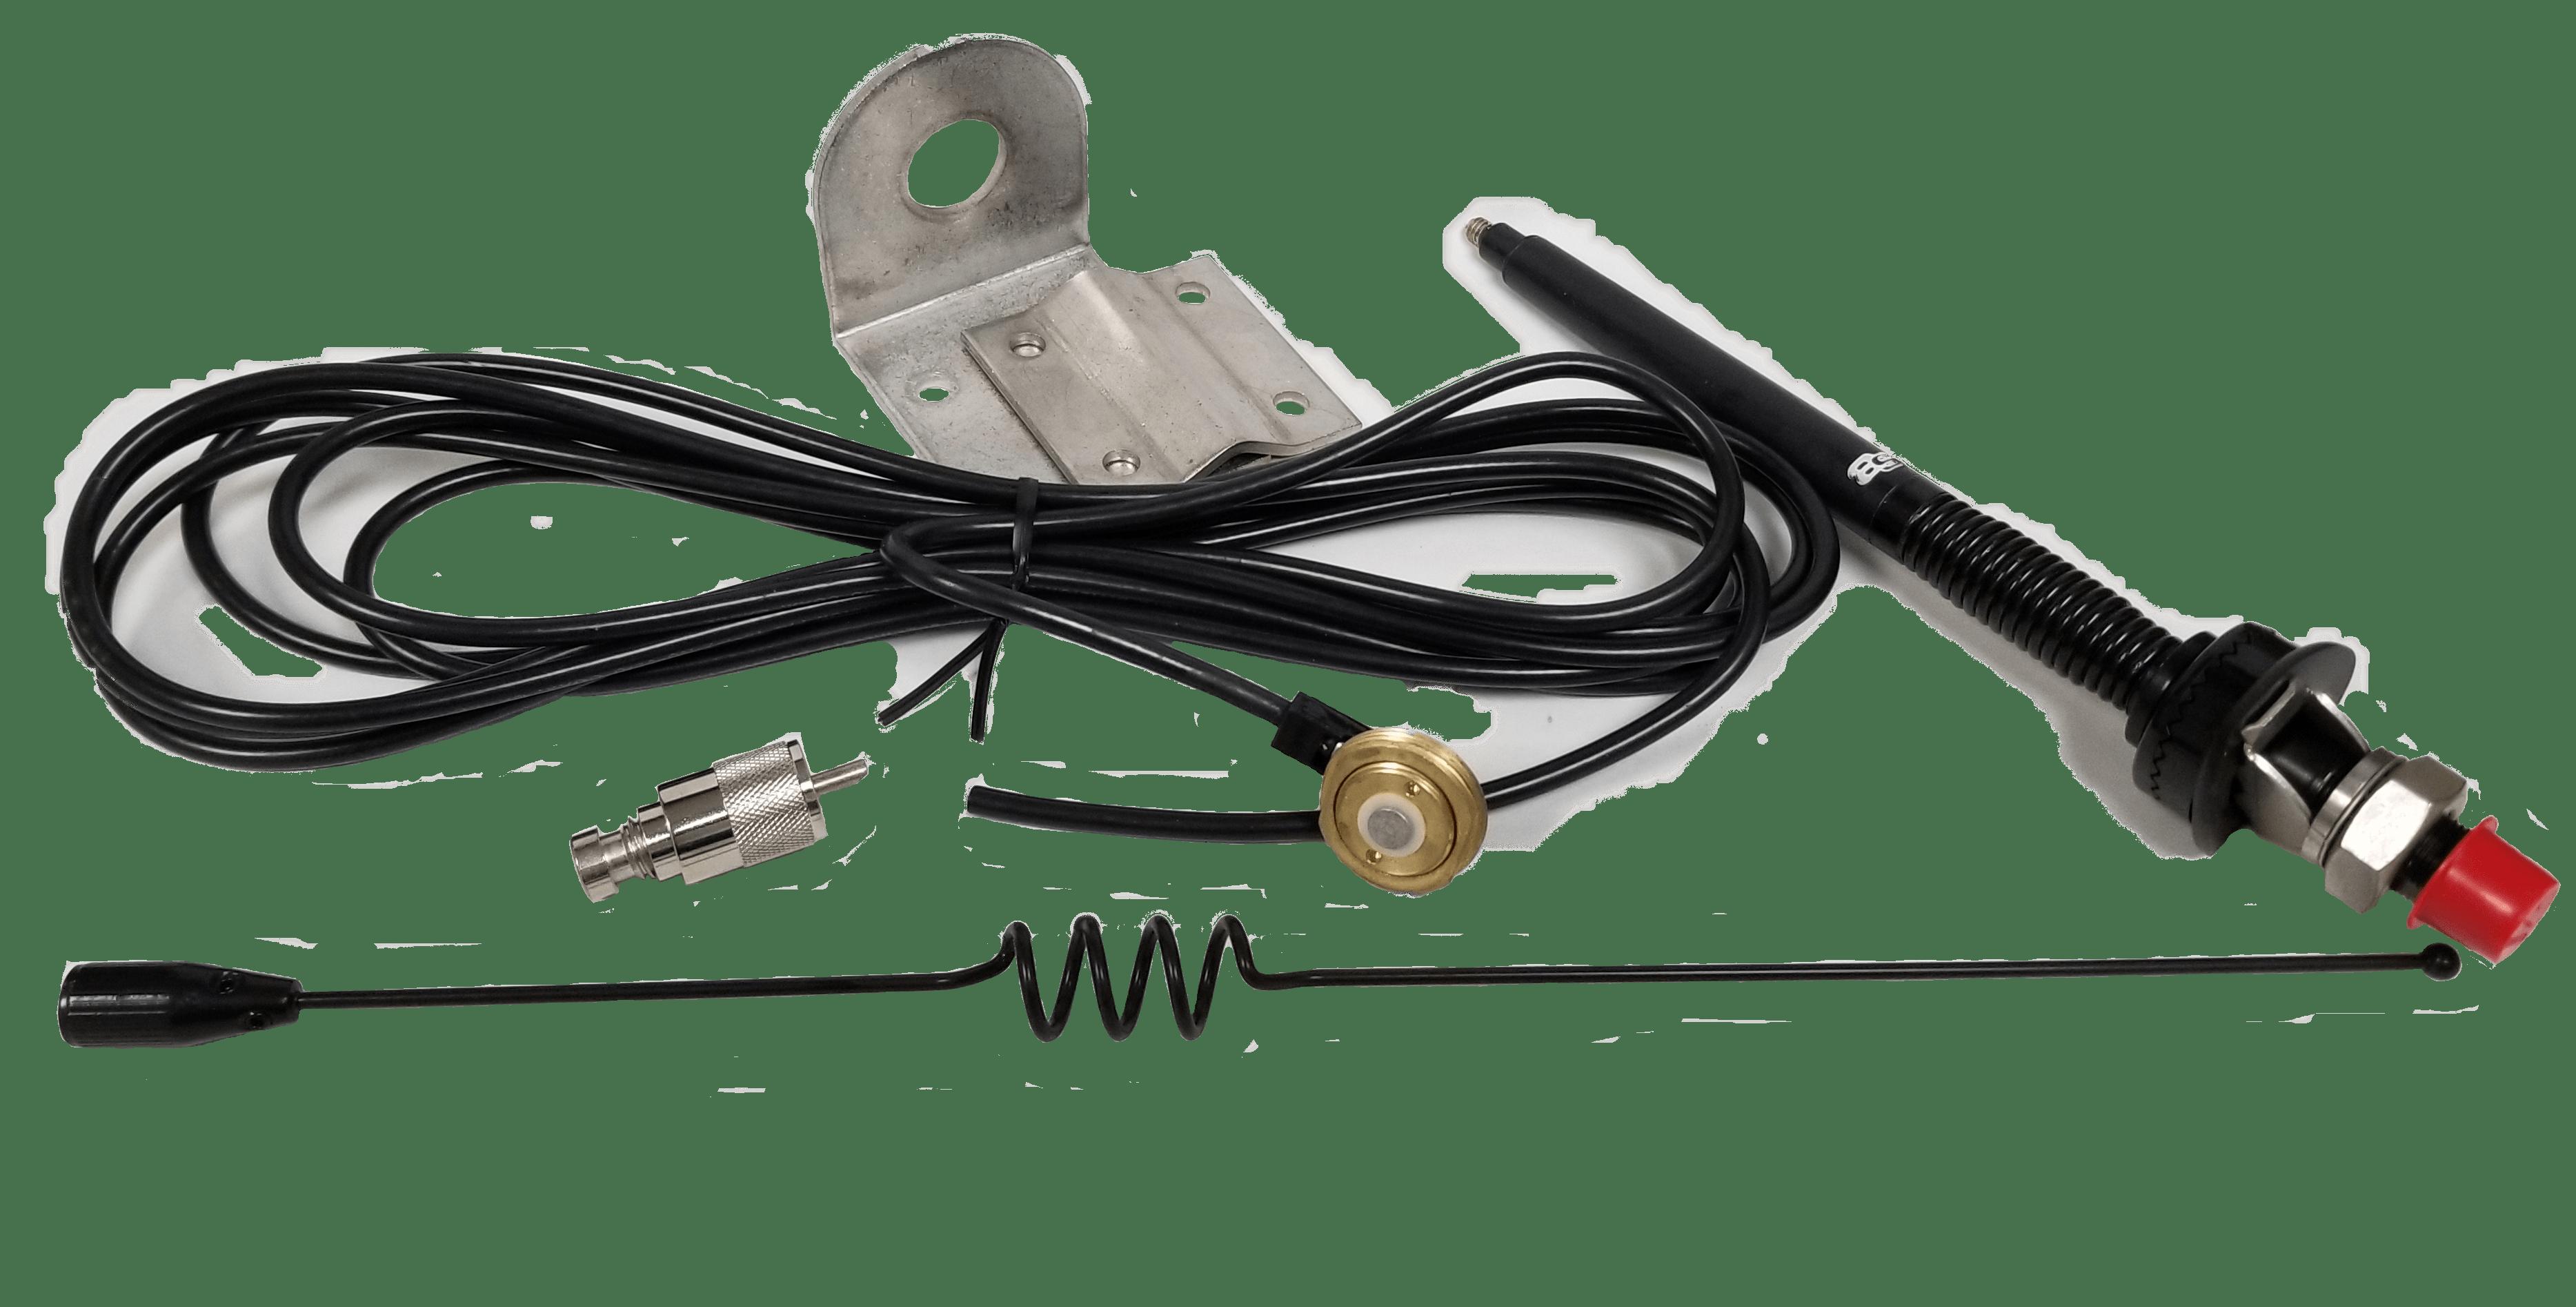 ASPD913T - Antenna Specialists 824-896 MHz Mirror Mount Antenna